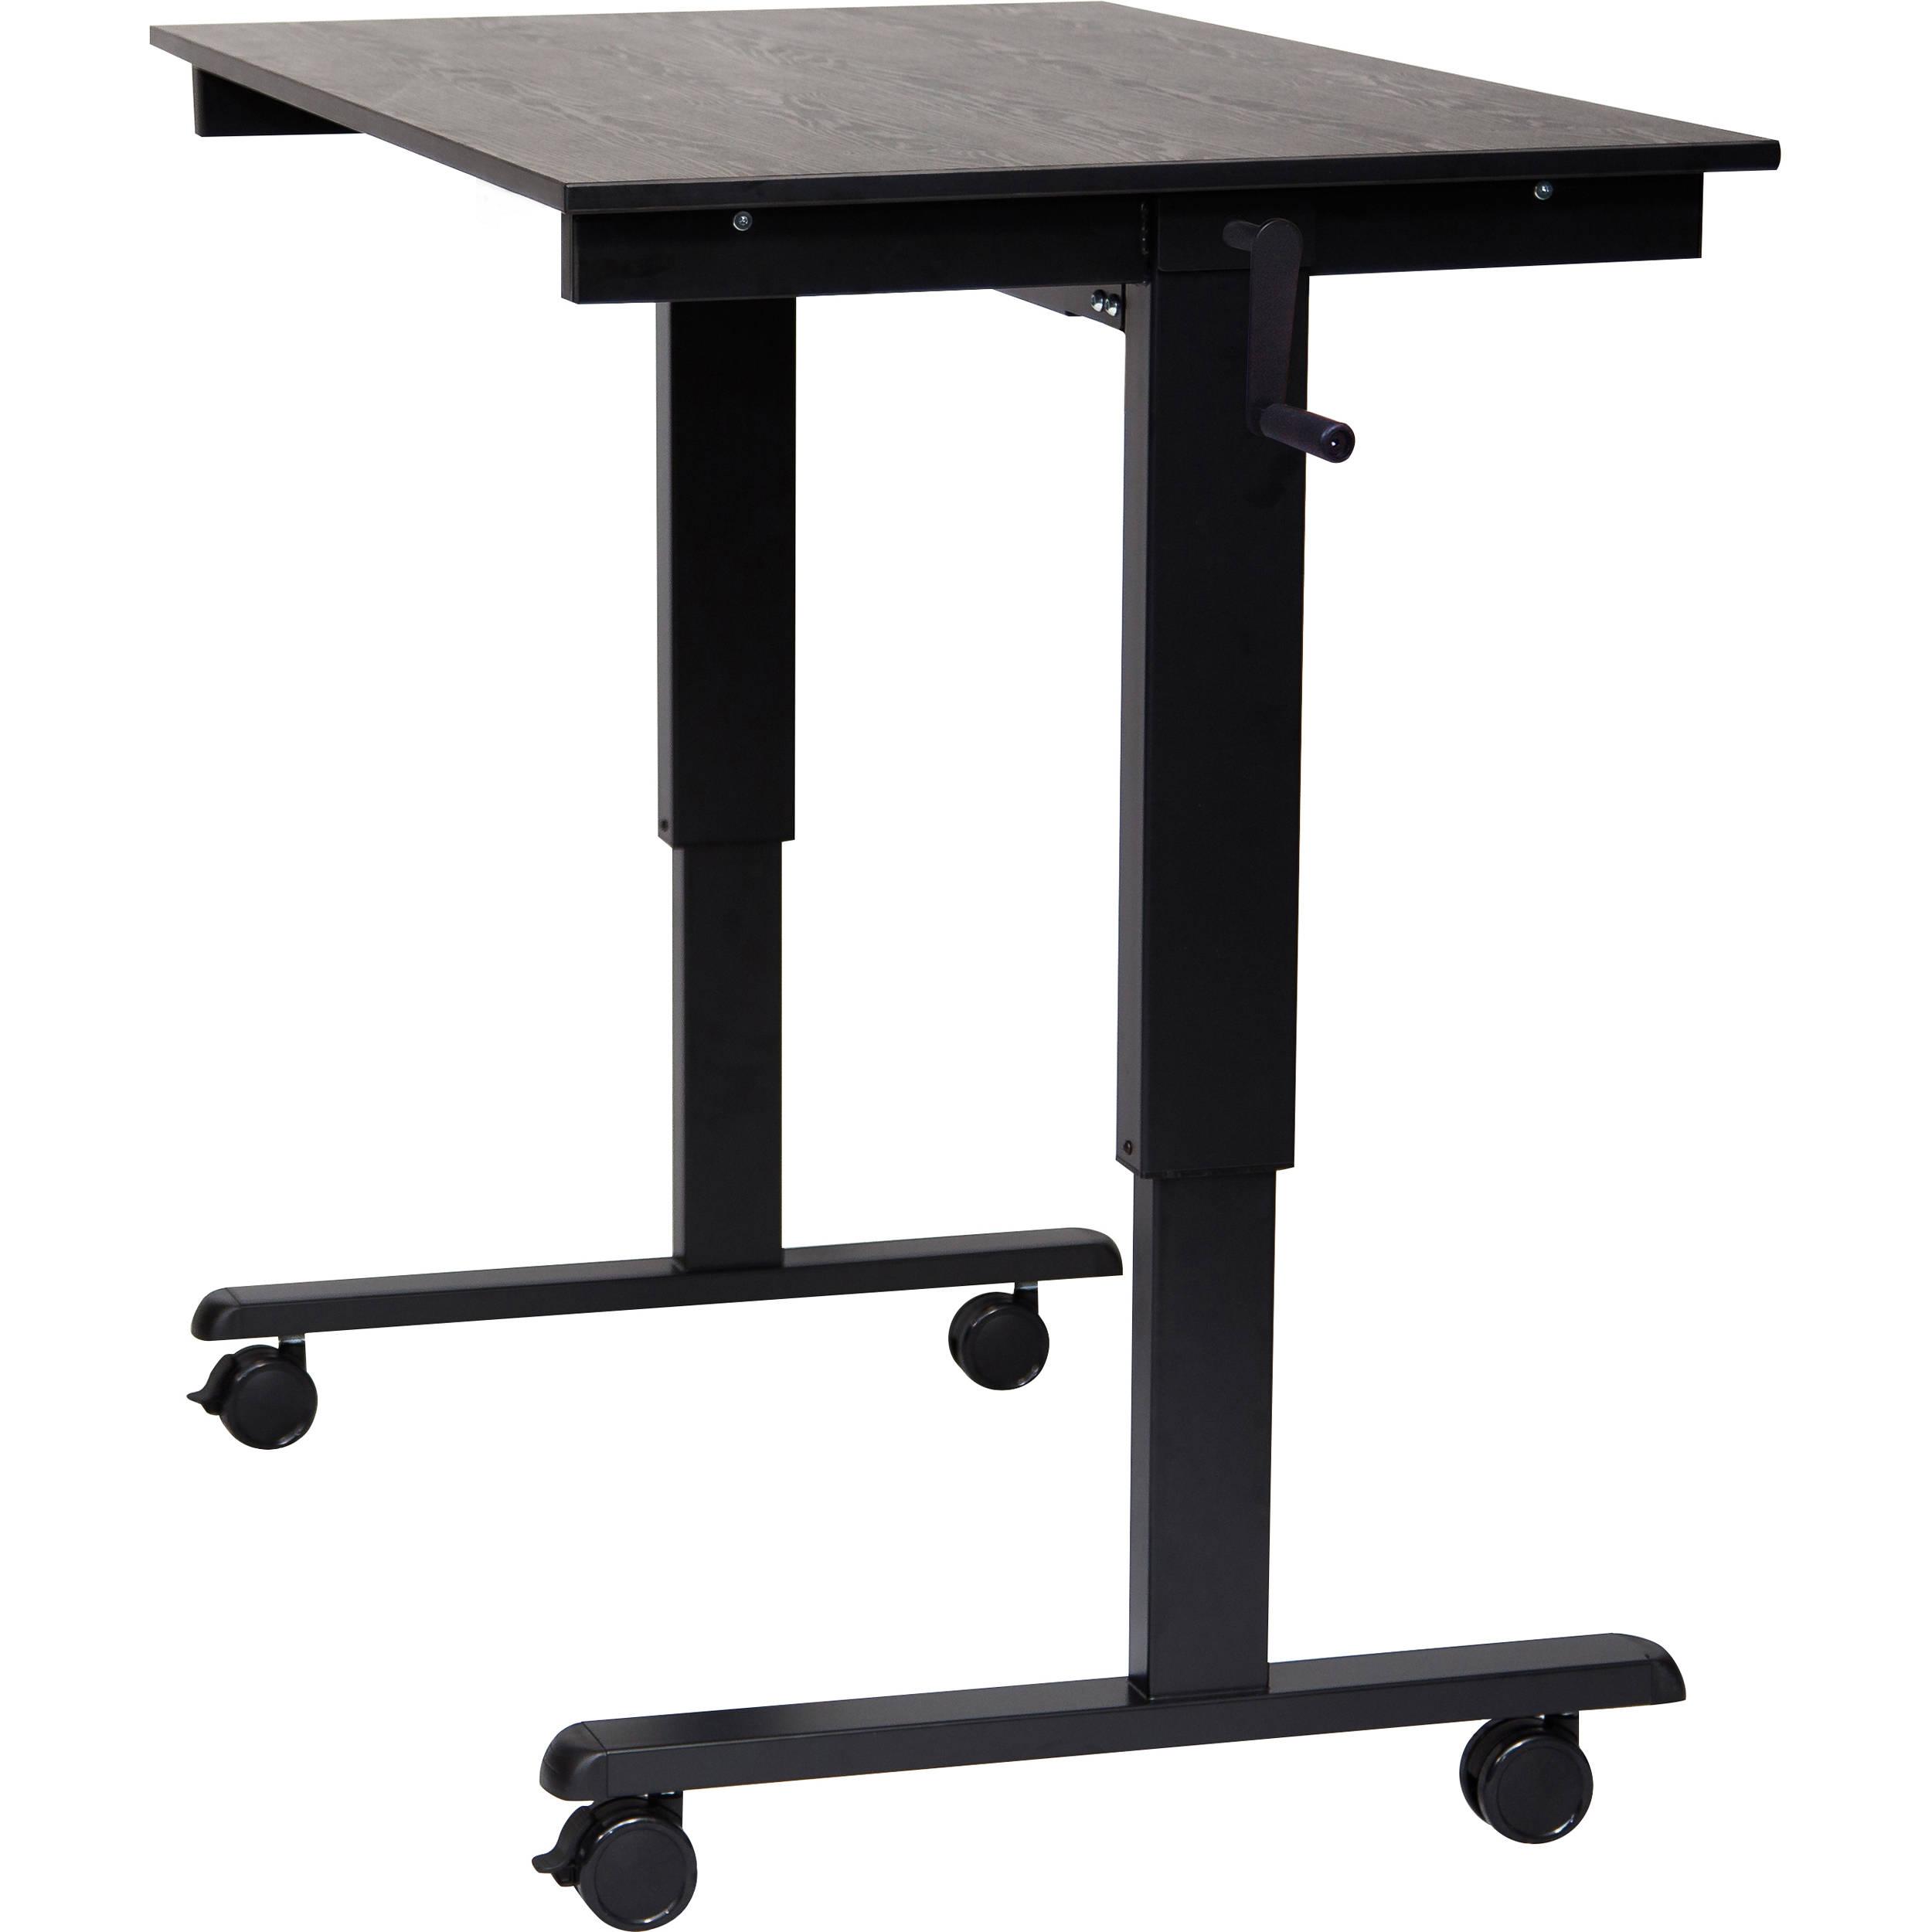 Swell Luxor 48 Crank Adjustable Stand Up Desk Black Oak Desk Black Frame Download Free Architecture Designs Grimeyleaguecom